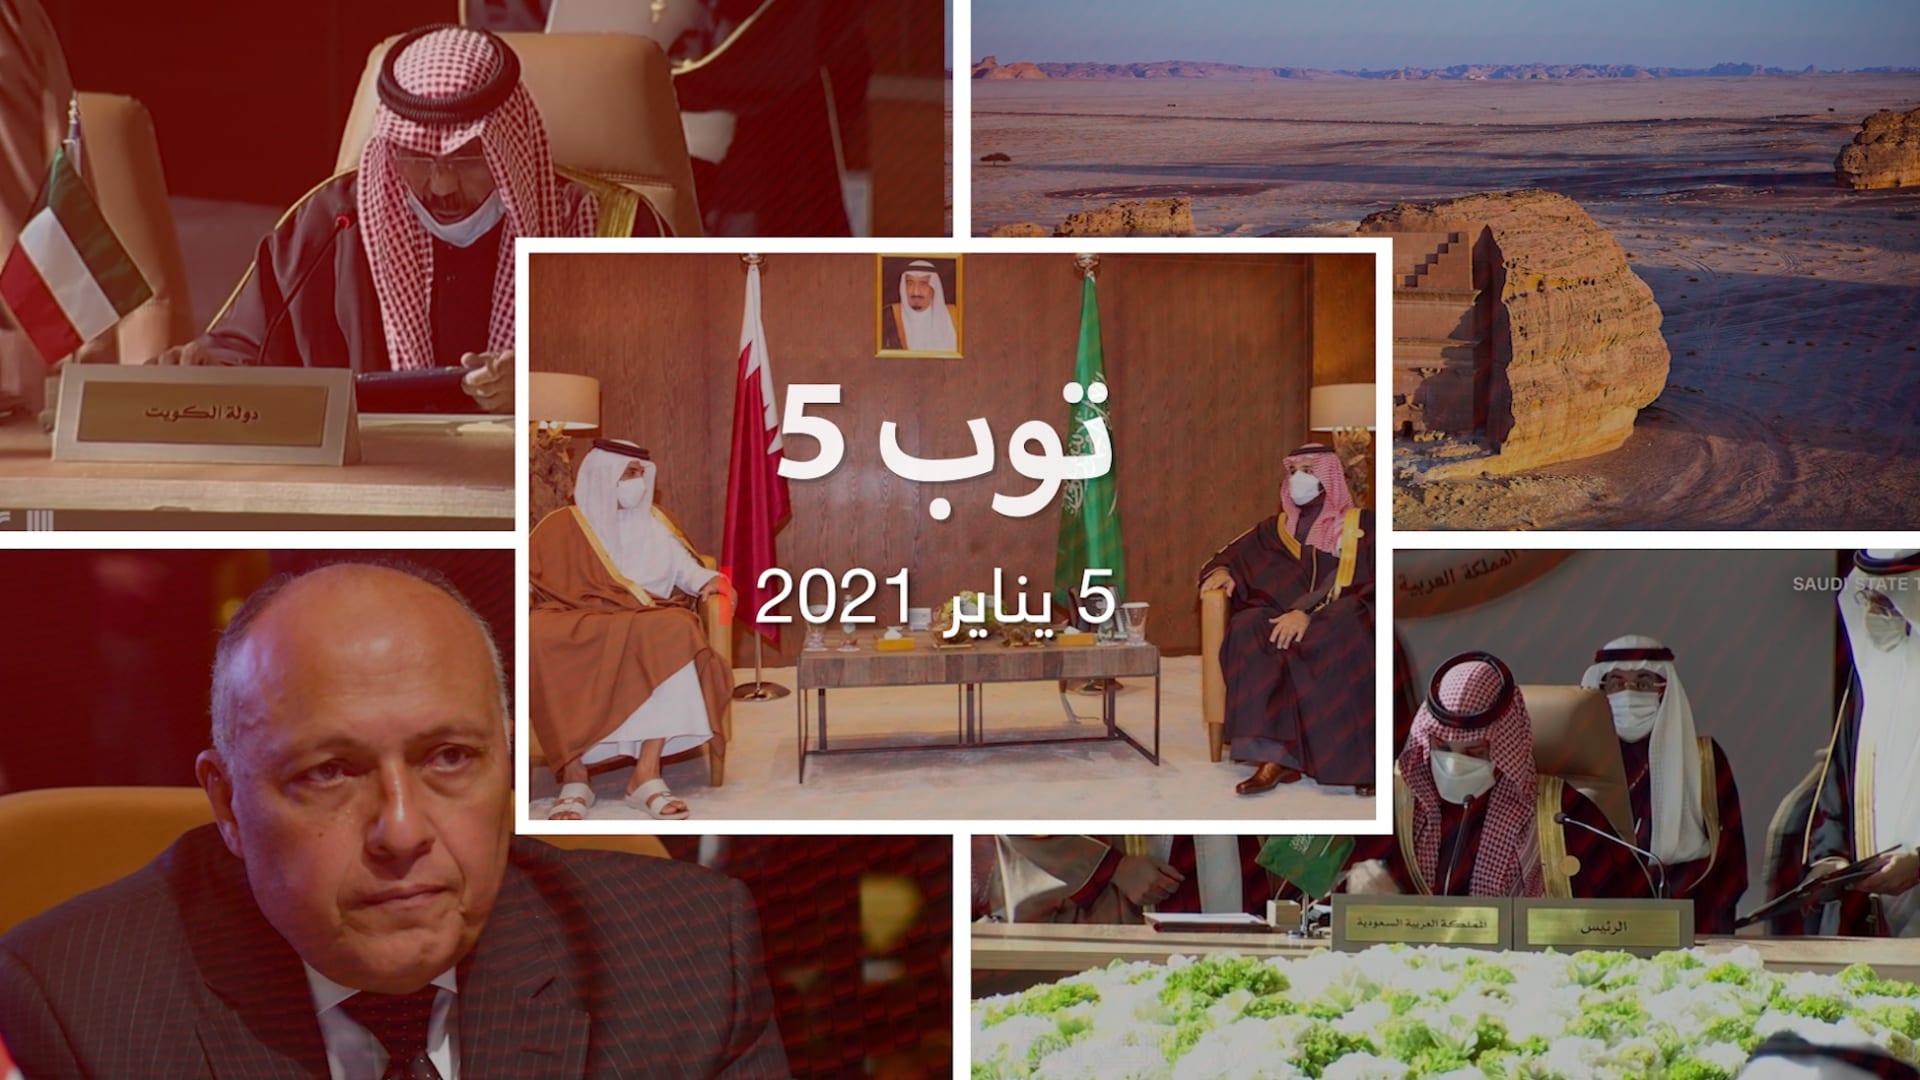 """توب 5: توقيع """"بيان العلا"""" في القمة الخليجية.. واجتماع ثنائي بين ولي العهد السعودي وأمير قطر"""